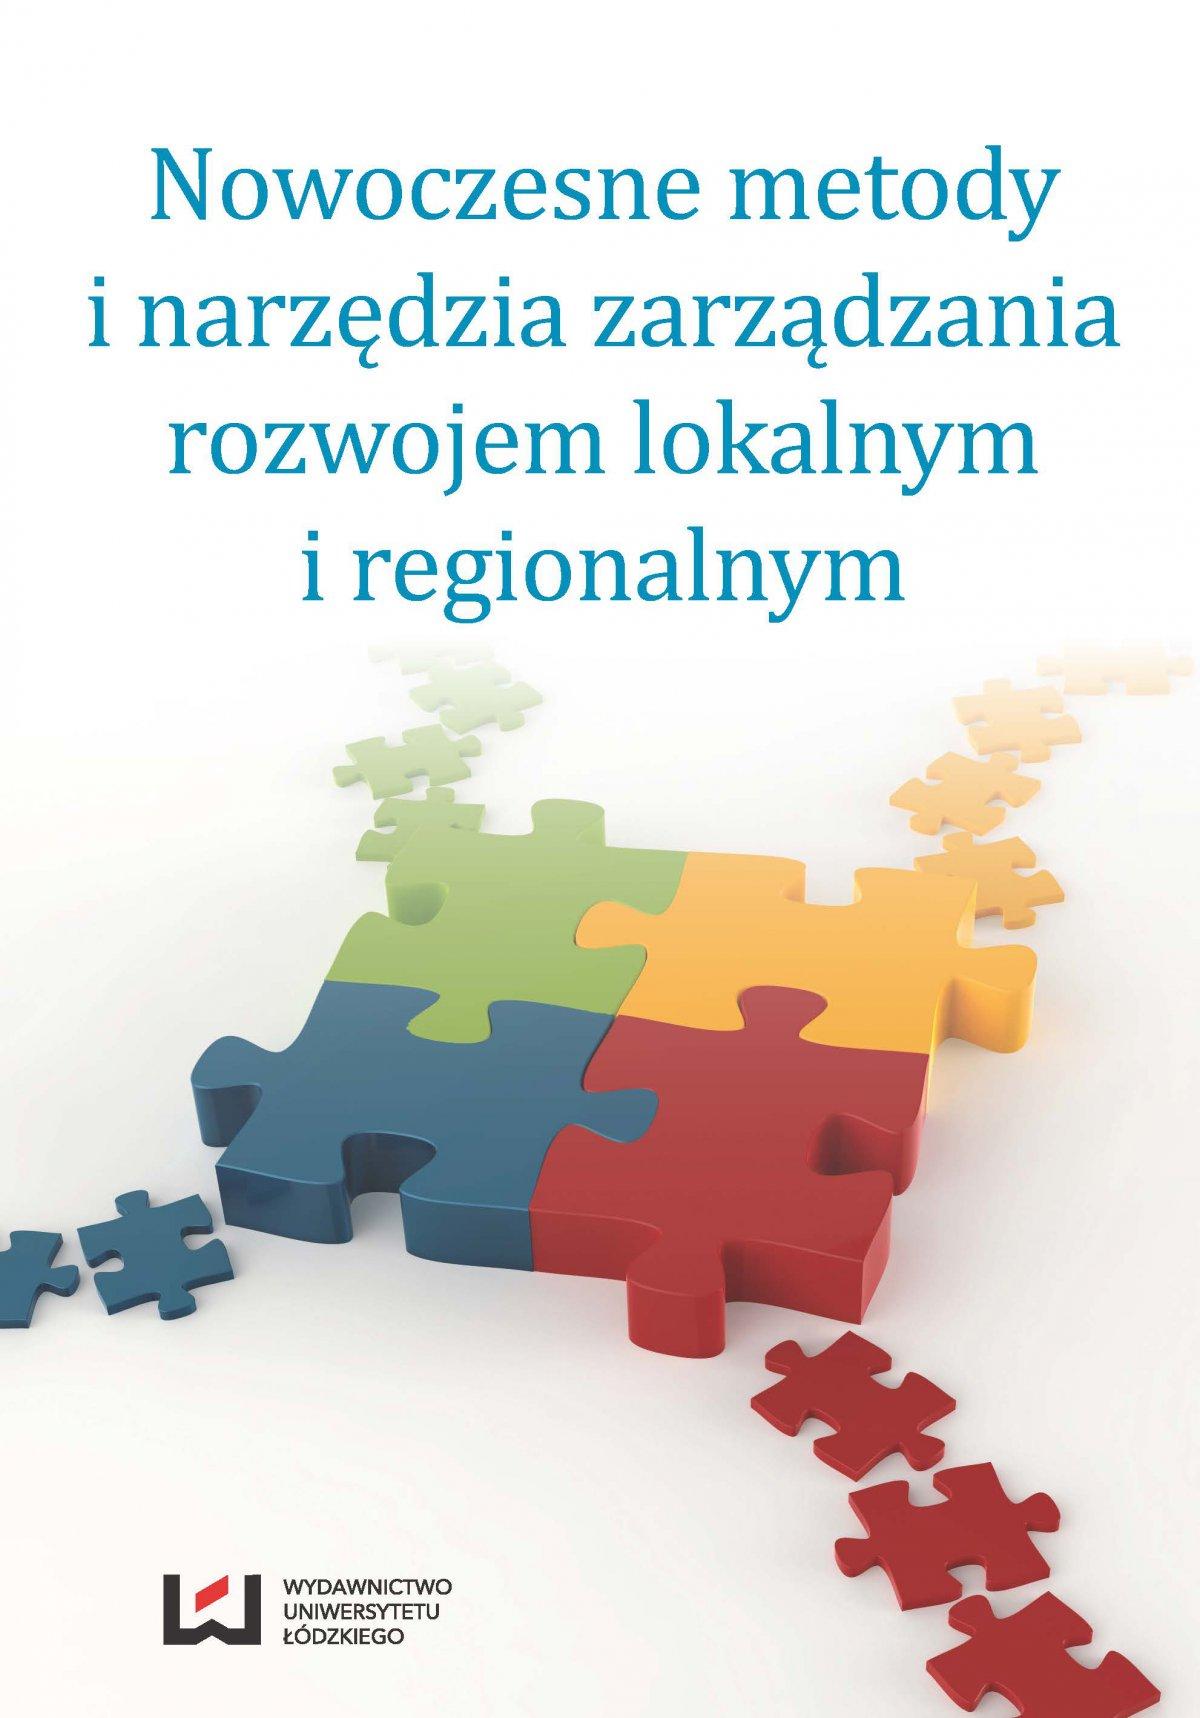 Nowoczesne metody i narzędzia zarządzania rozwojem lokalnym i regionalnym - Ebook (Książka PDF) do pobrania w formacie PDF